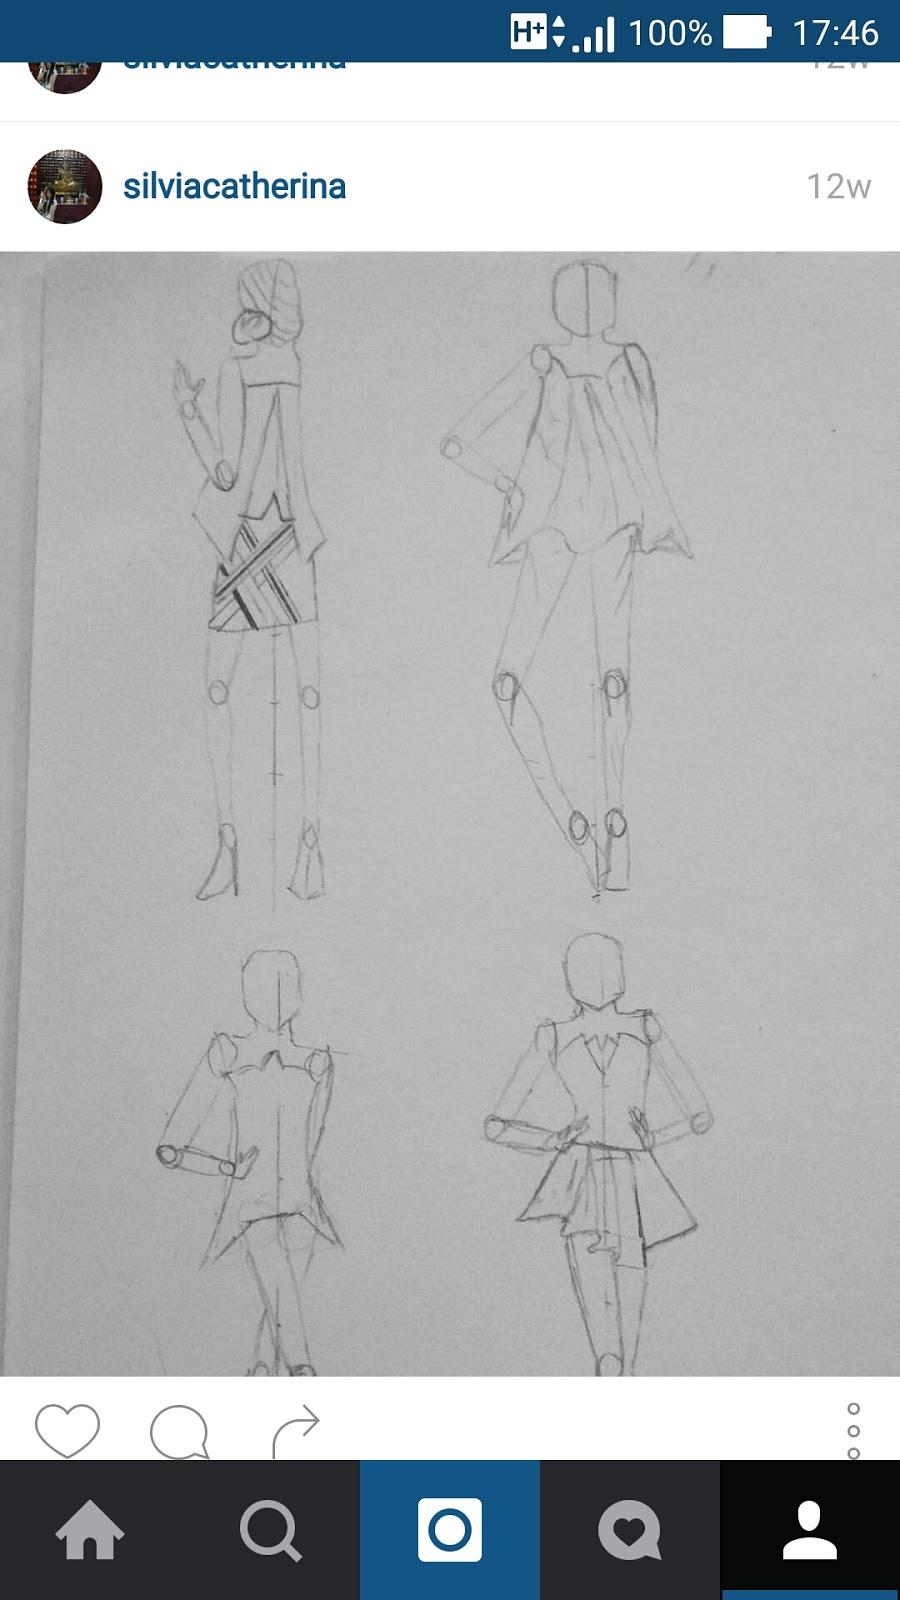 Kumpulan Gambar Sketsa Rancangan Laptop